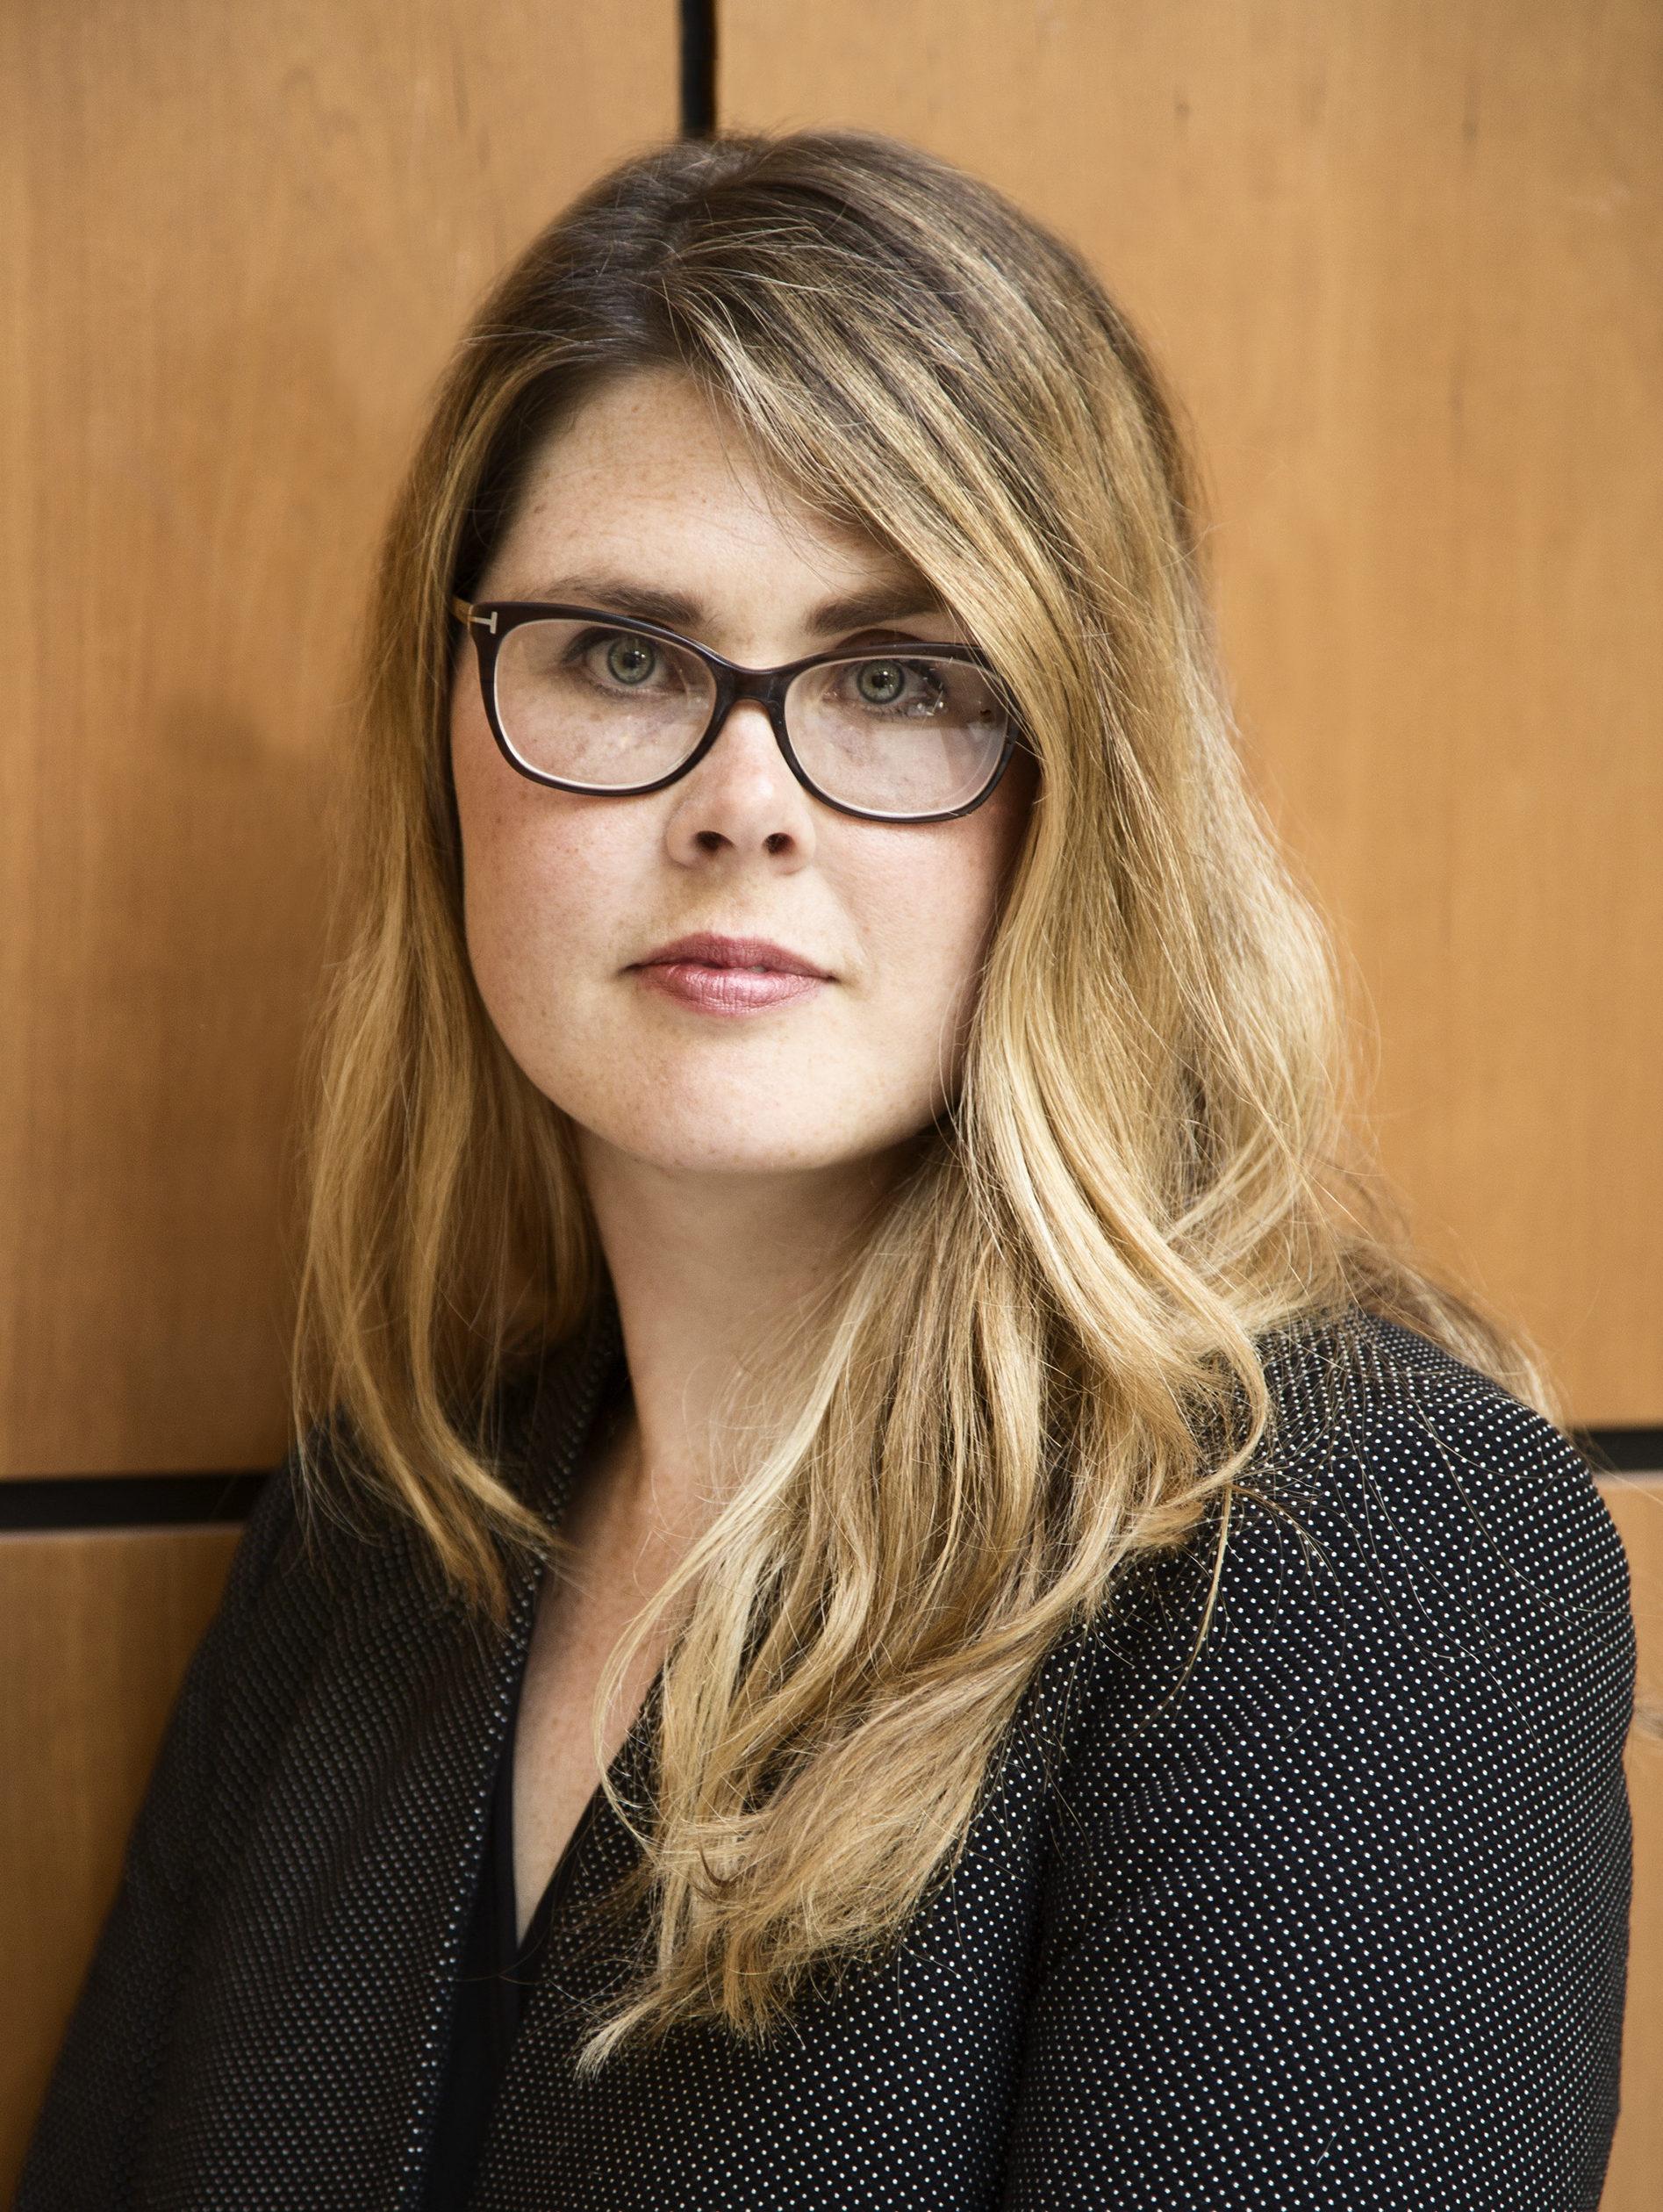 Melissa Atherton